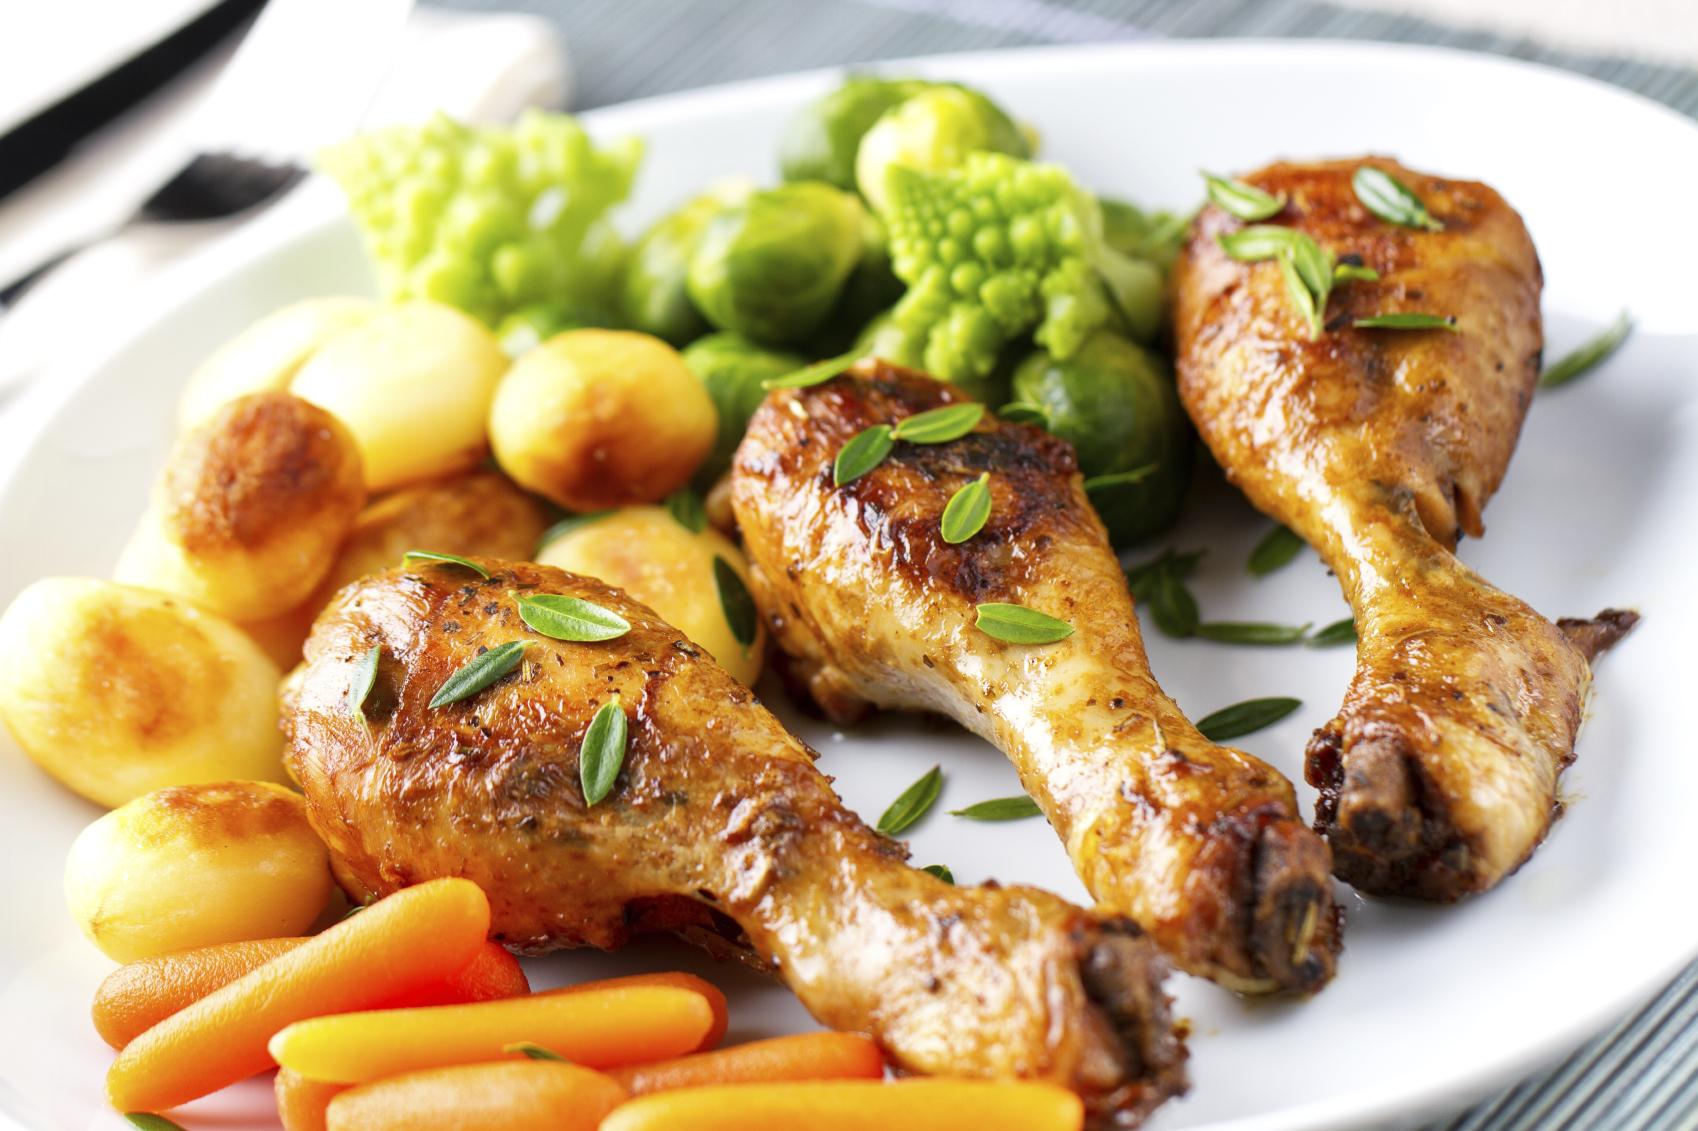 Muslos de pollo asados y brócoli gratinado